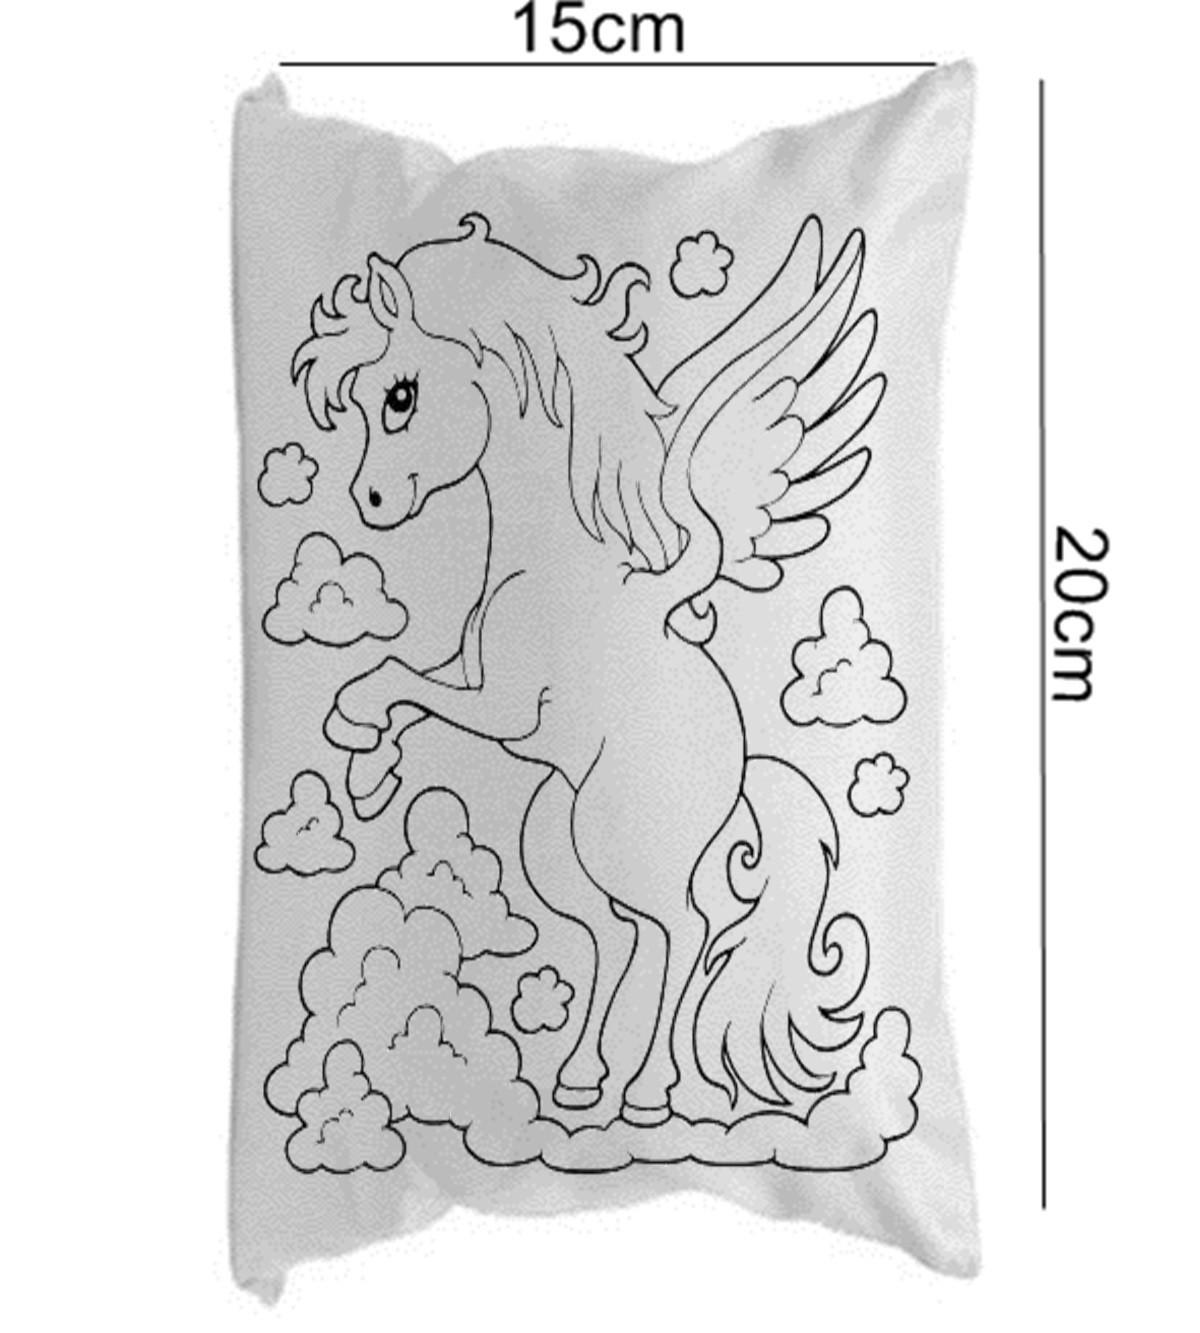 Almofada Para Colorir Unicornio 15x20cm Sem Canetinhas No Elo7